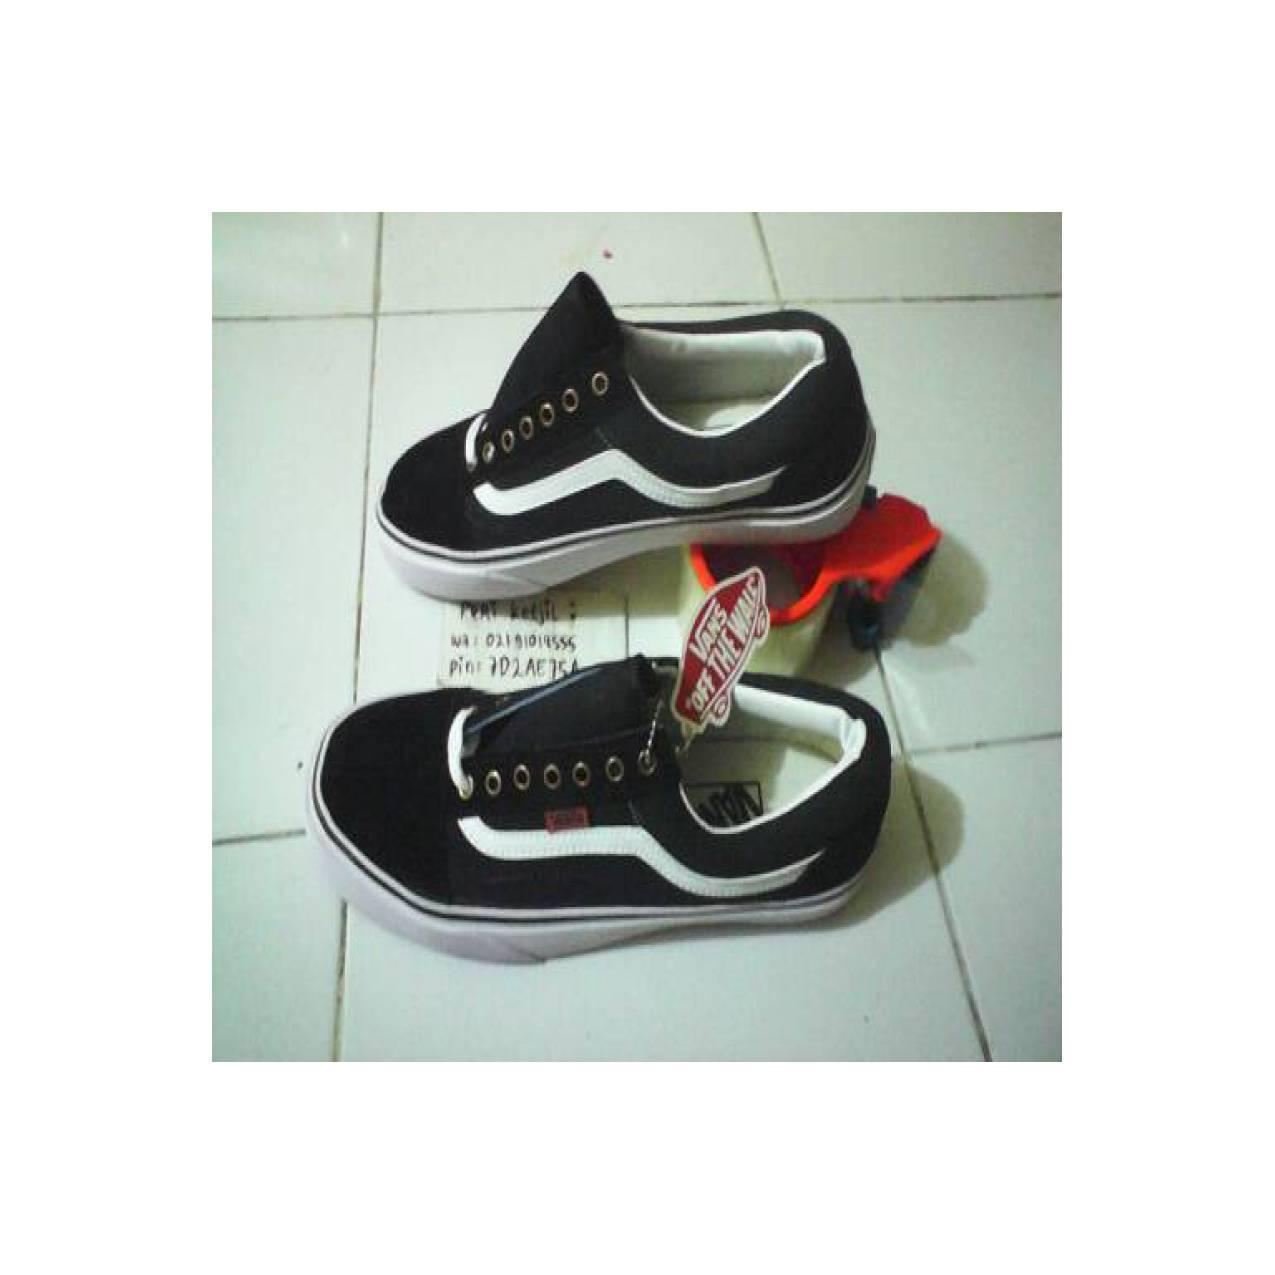 Detail Gambar sepatu SB casual vans oldschool IFC murah berkualitas Terbaru 5bb5771731